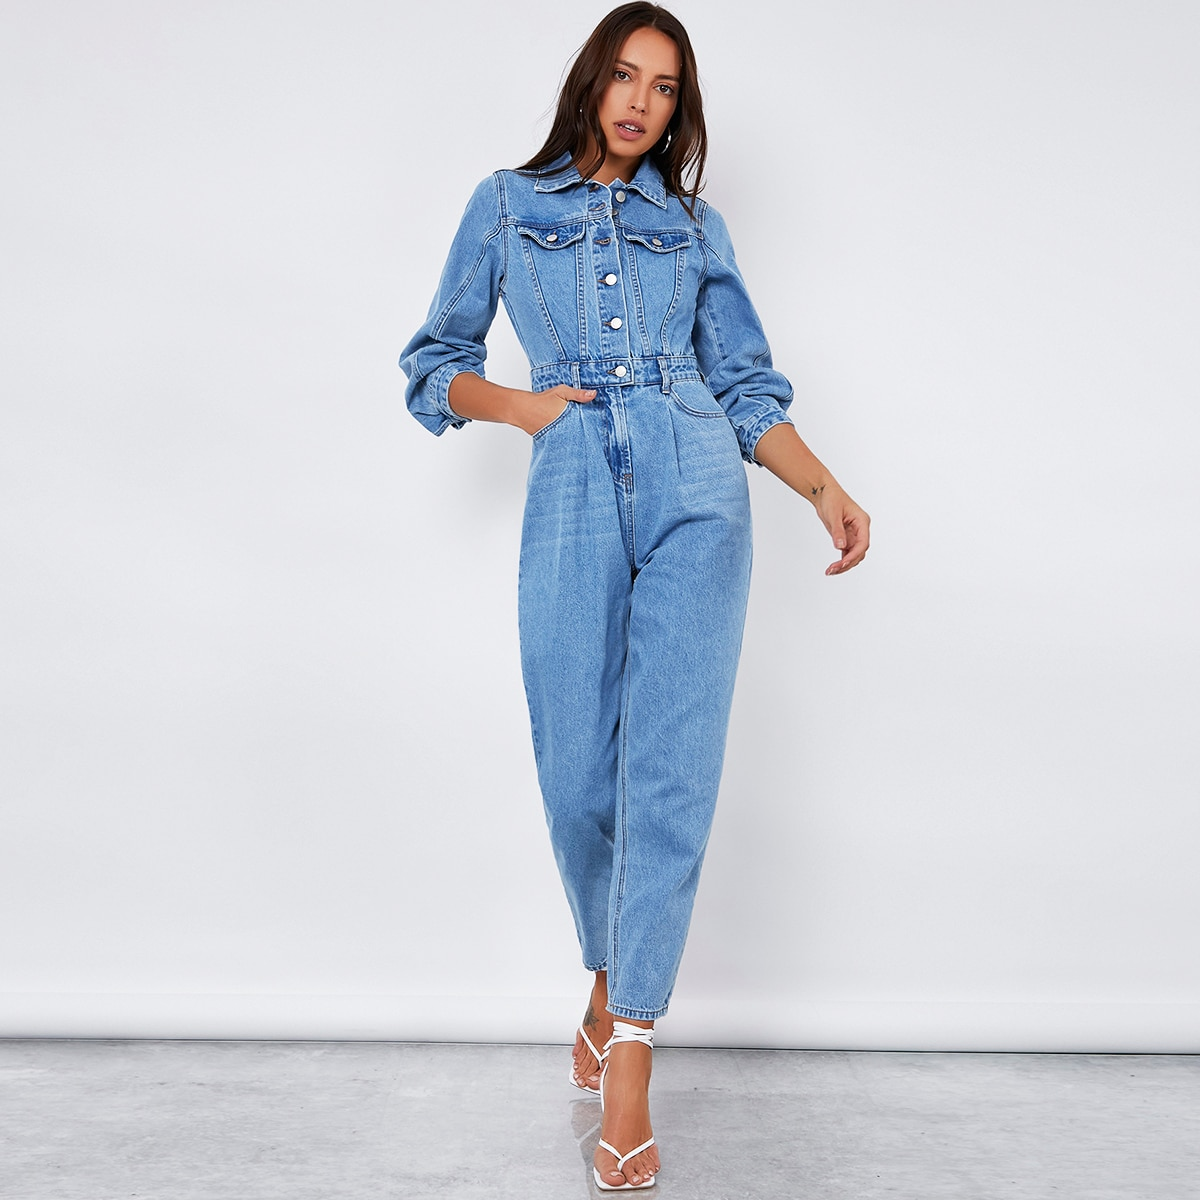 джинсовый комбинезон с эффектом потертости